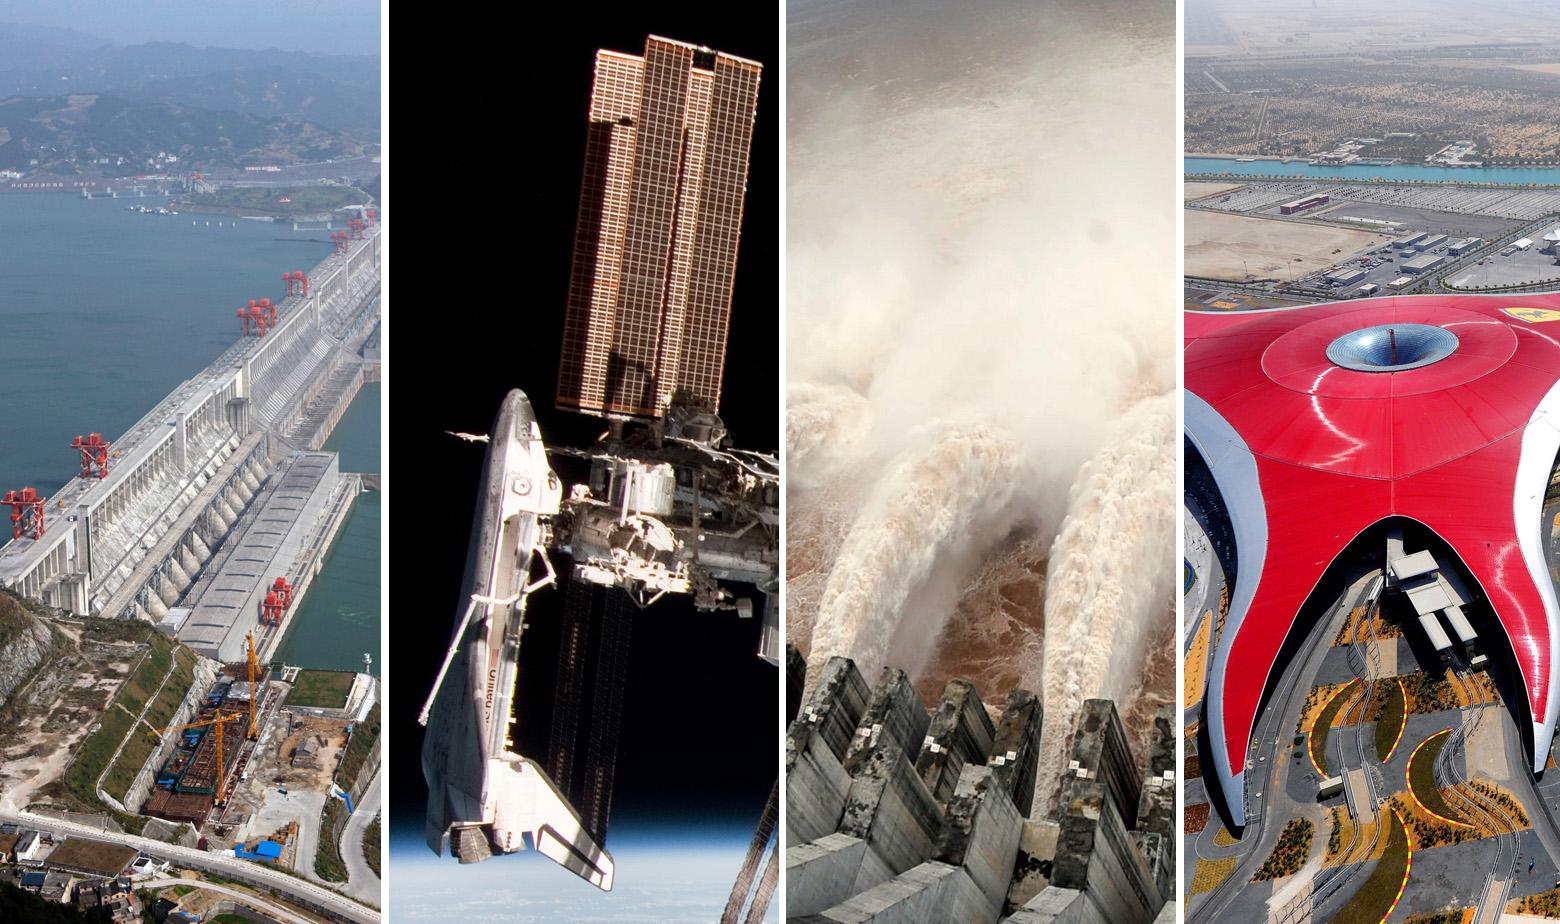 S lijeva na desno: Hidroelektrana Tri klanca iz zraka / Međunarodna svemirska postaja / hidroelektrana Tri klanca / Ferrari World